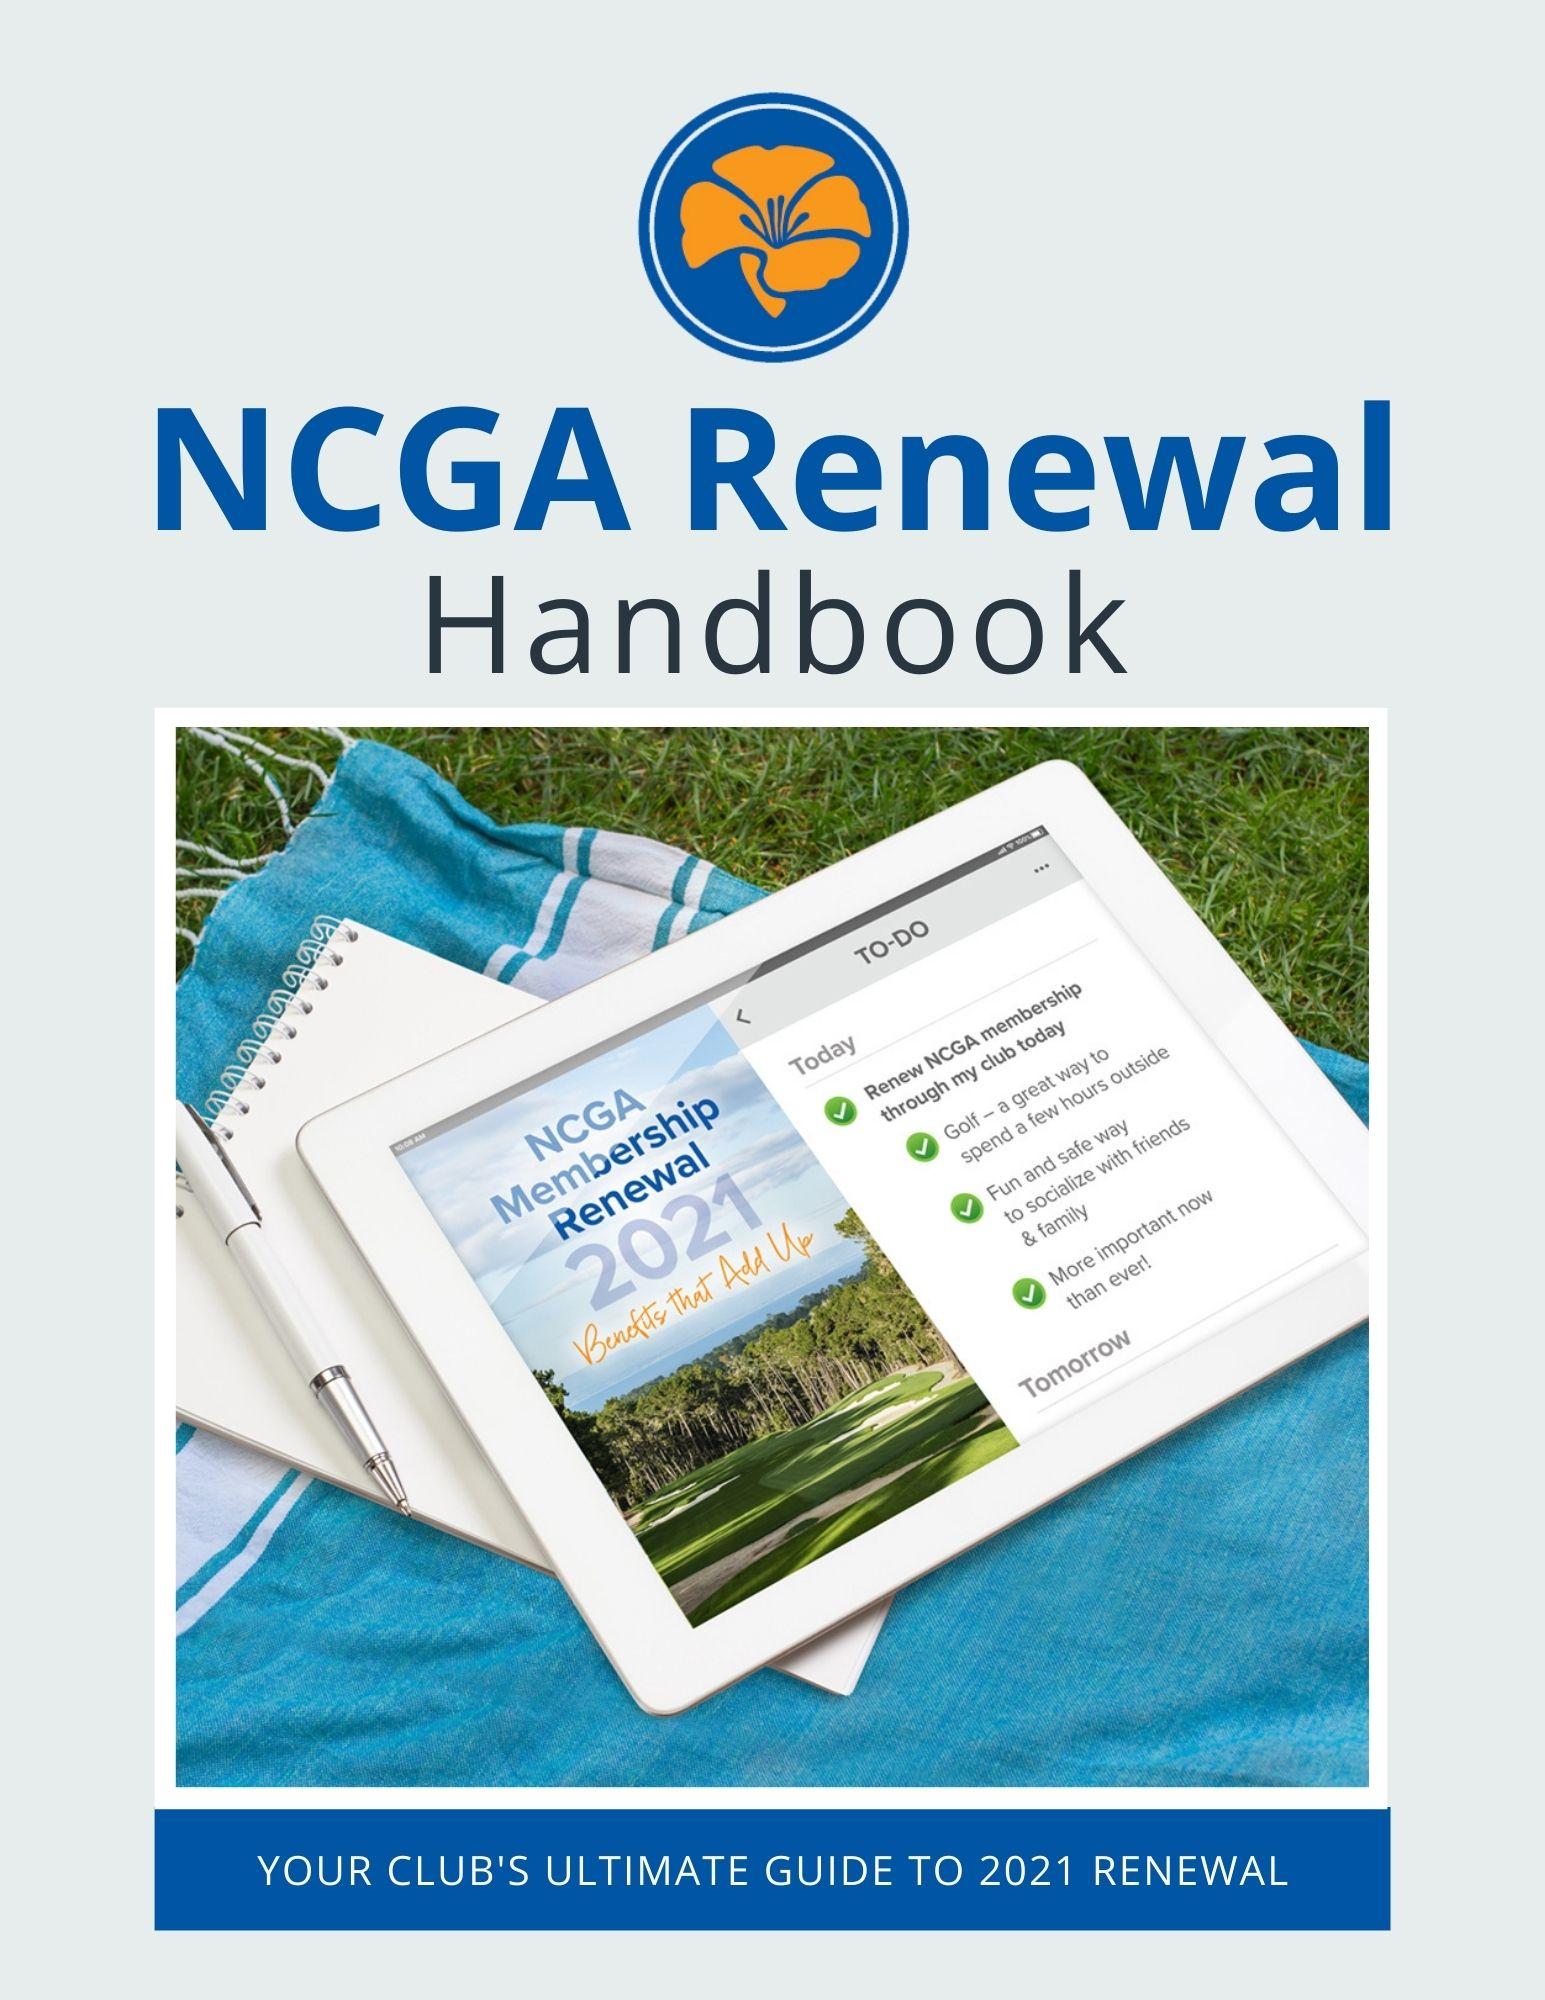 NCGA Renewal Handbook